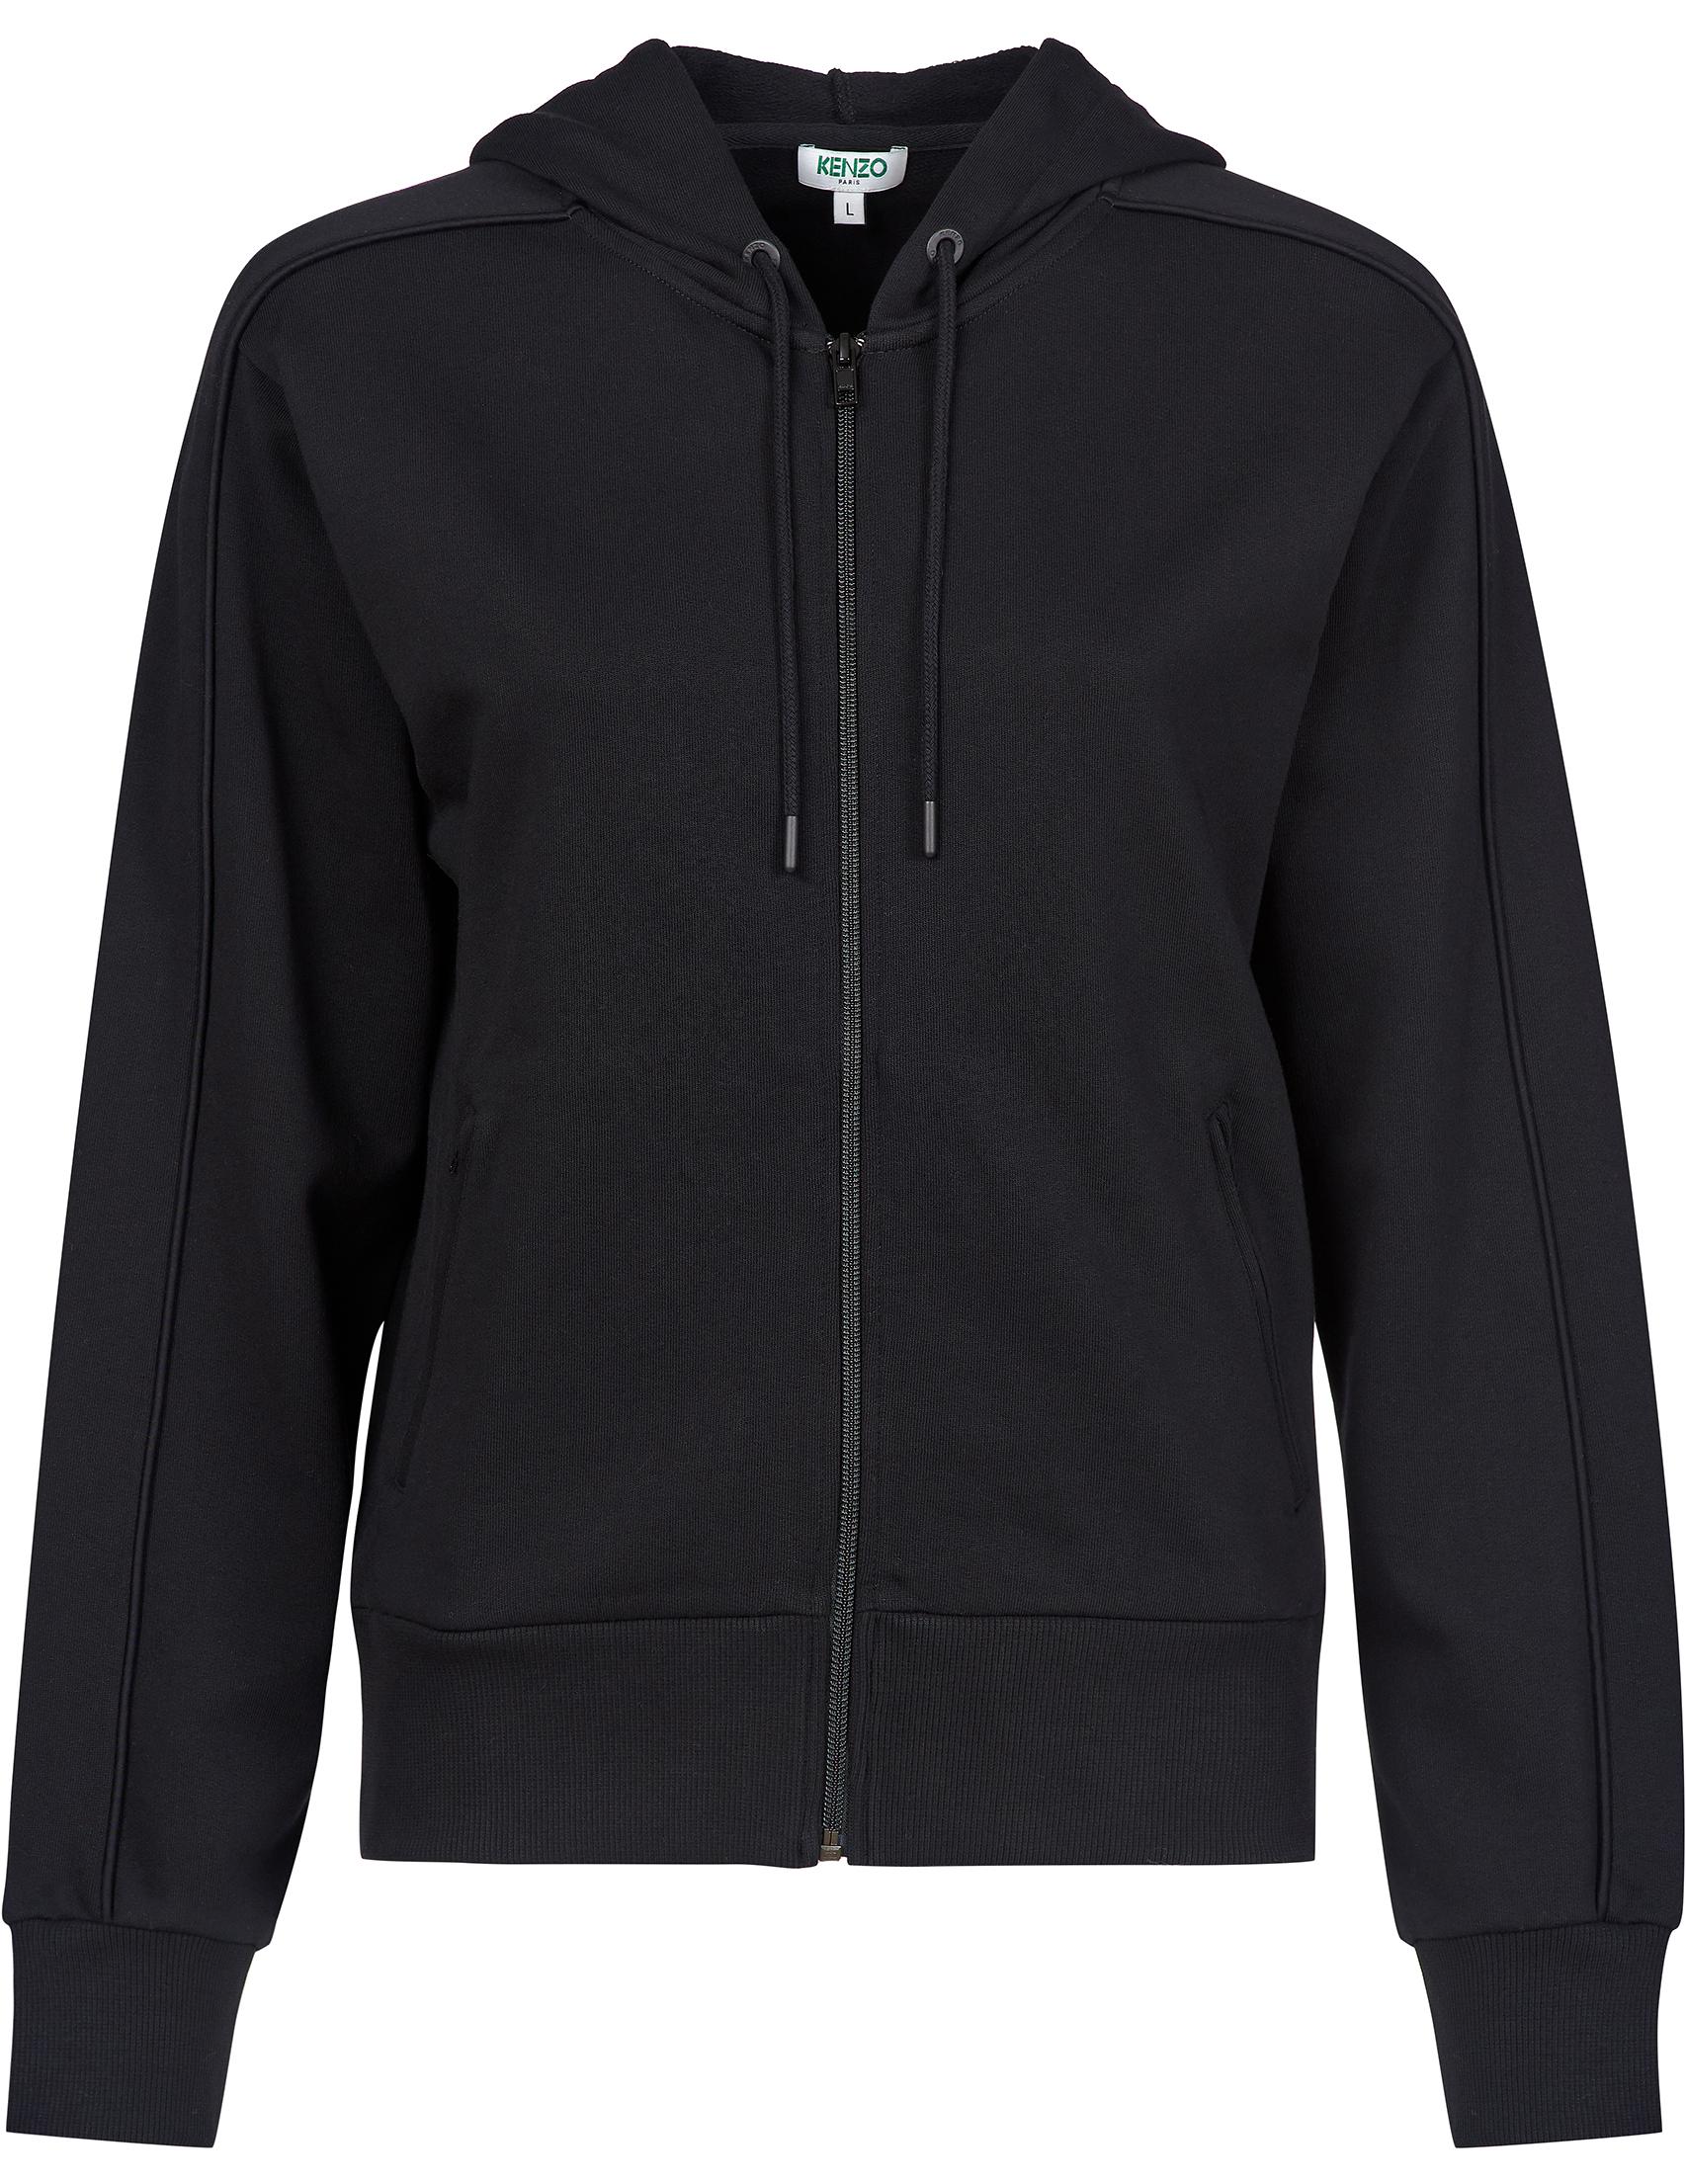 Купить Спортивные кофты, Спортивная кофта, KENZO, Черный, 100%Хлопок, Осень-Зима